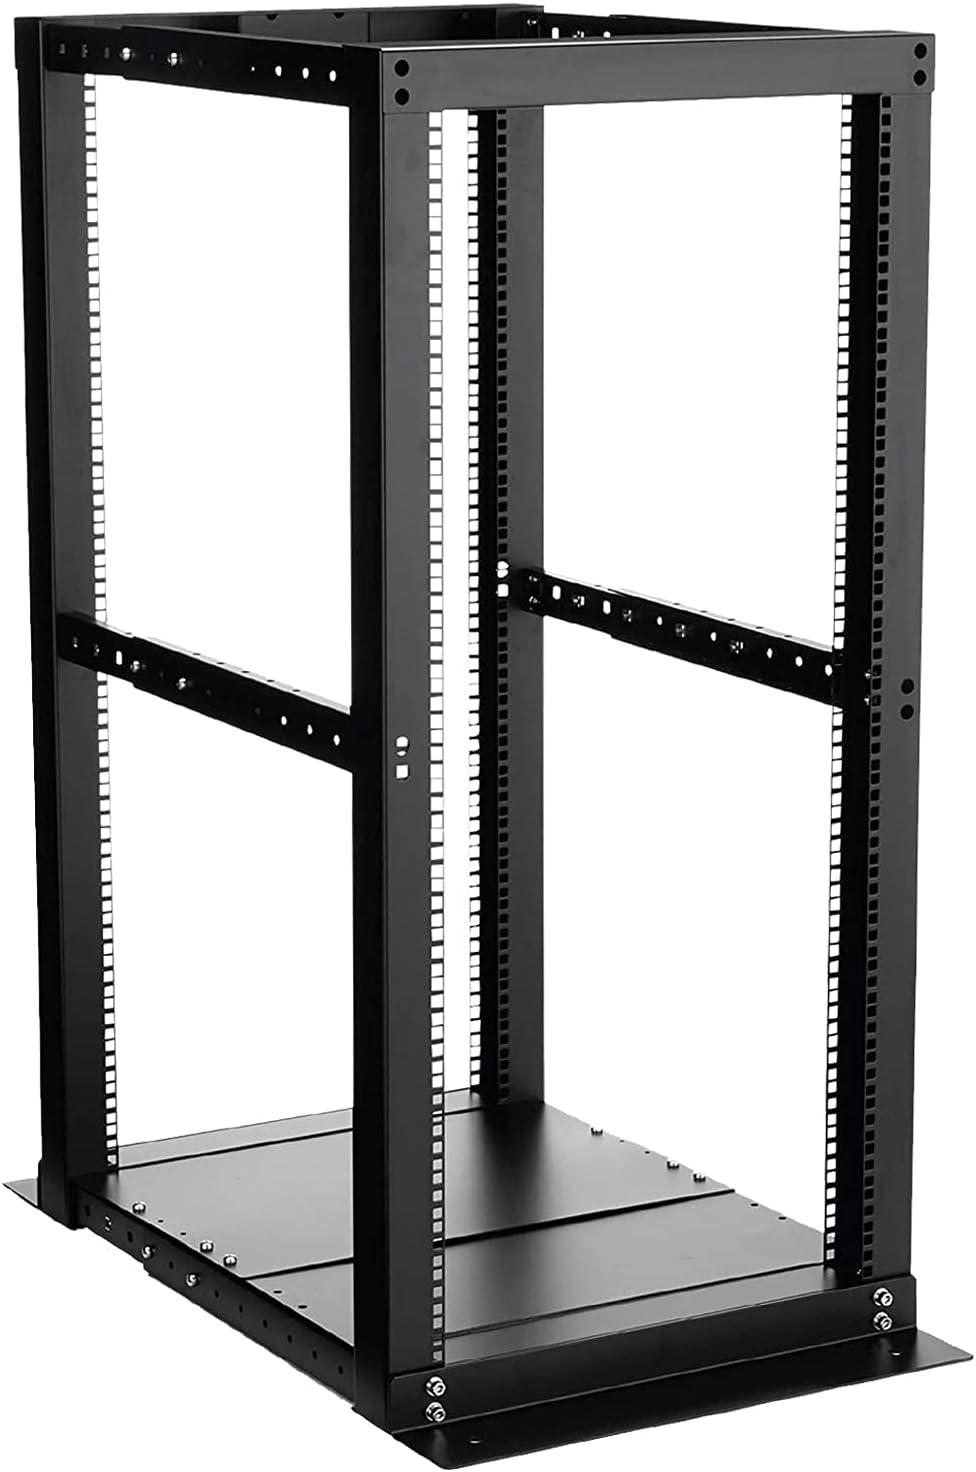 25U Black Open Frame Server Rack Cabinet with Casters, 19